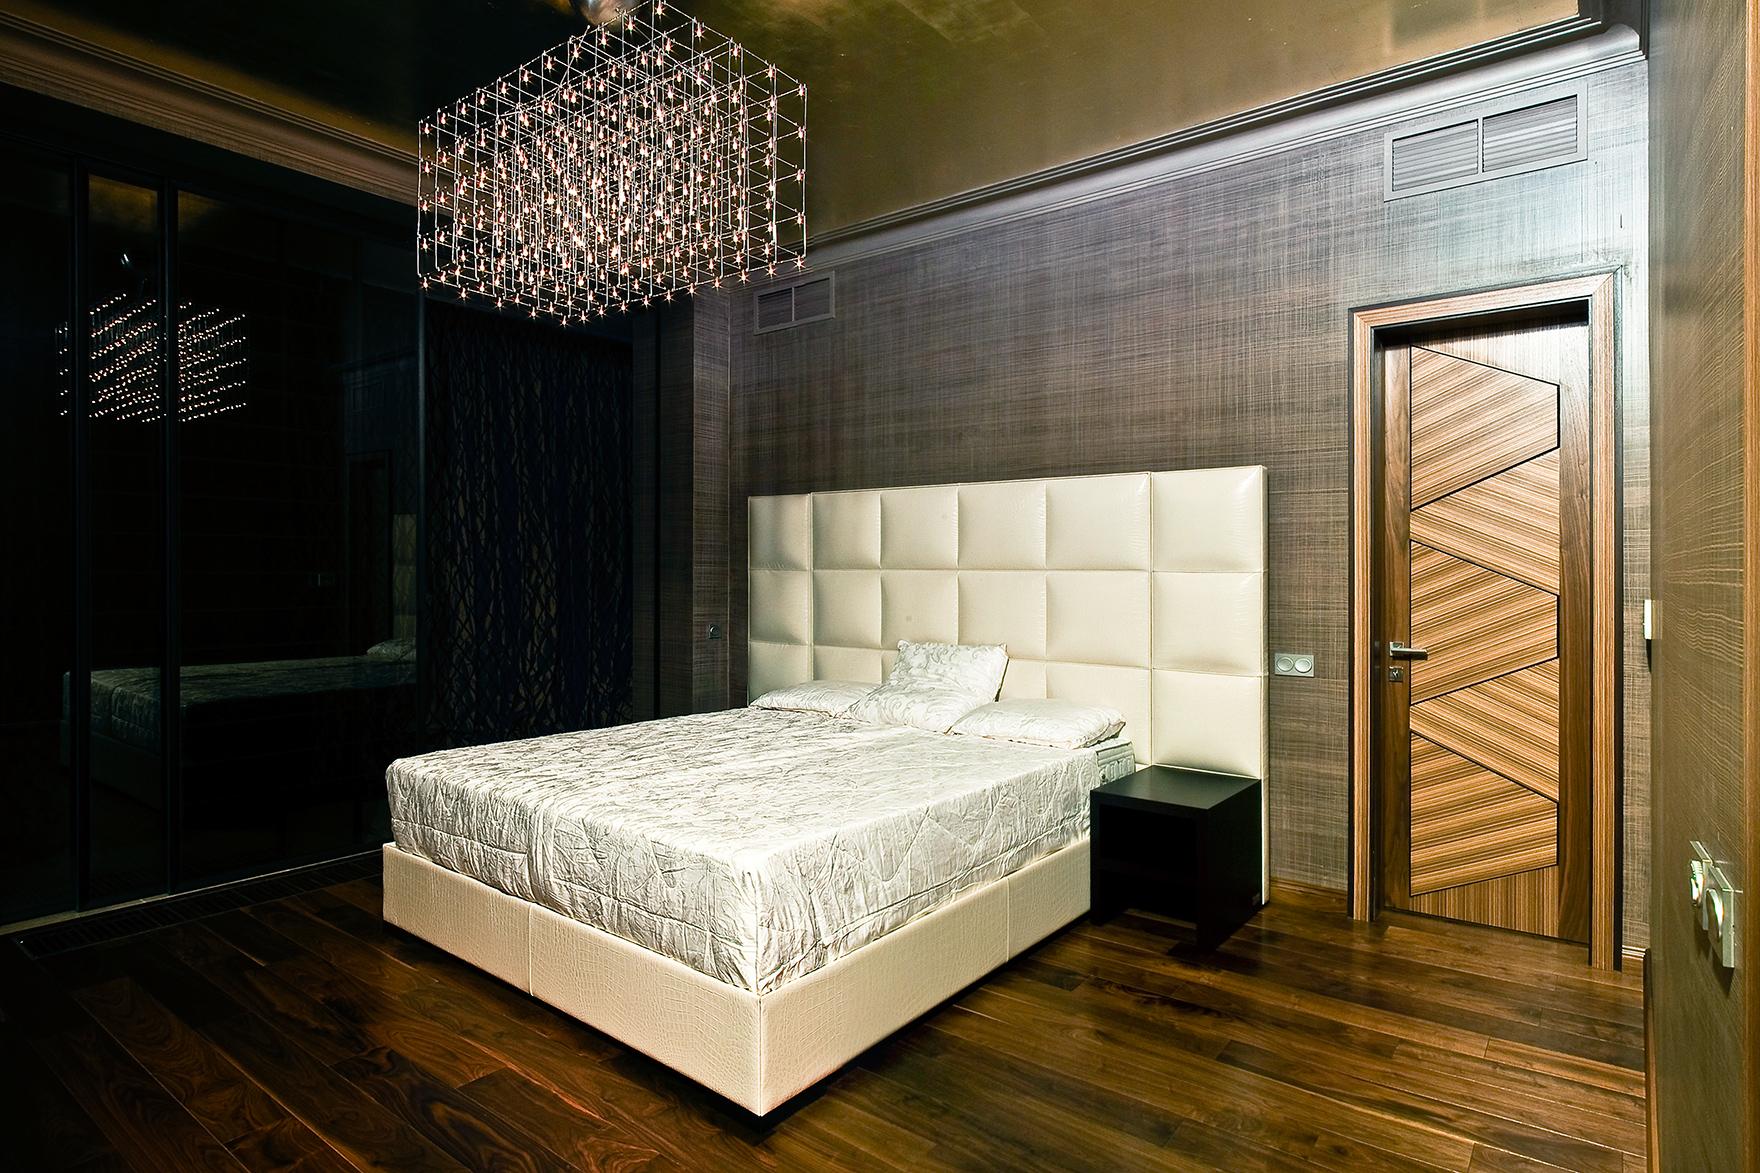 Необычная люстра в спальне